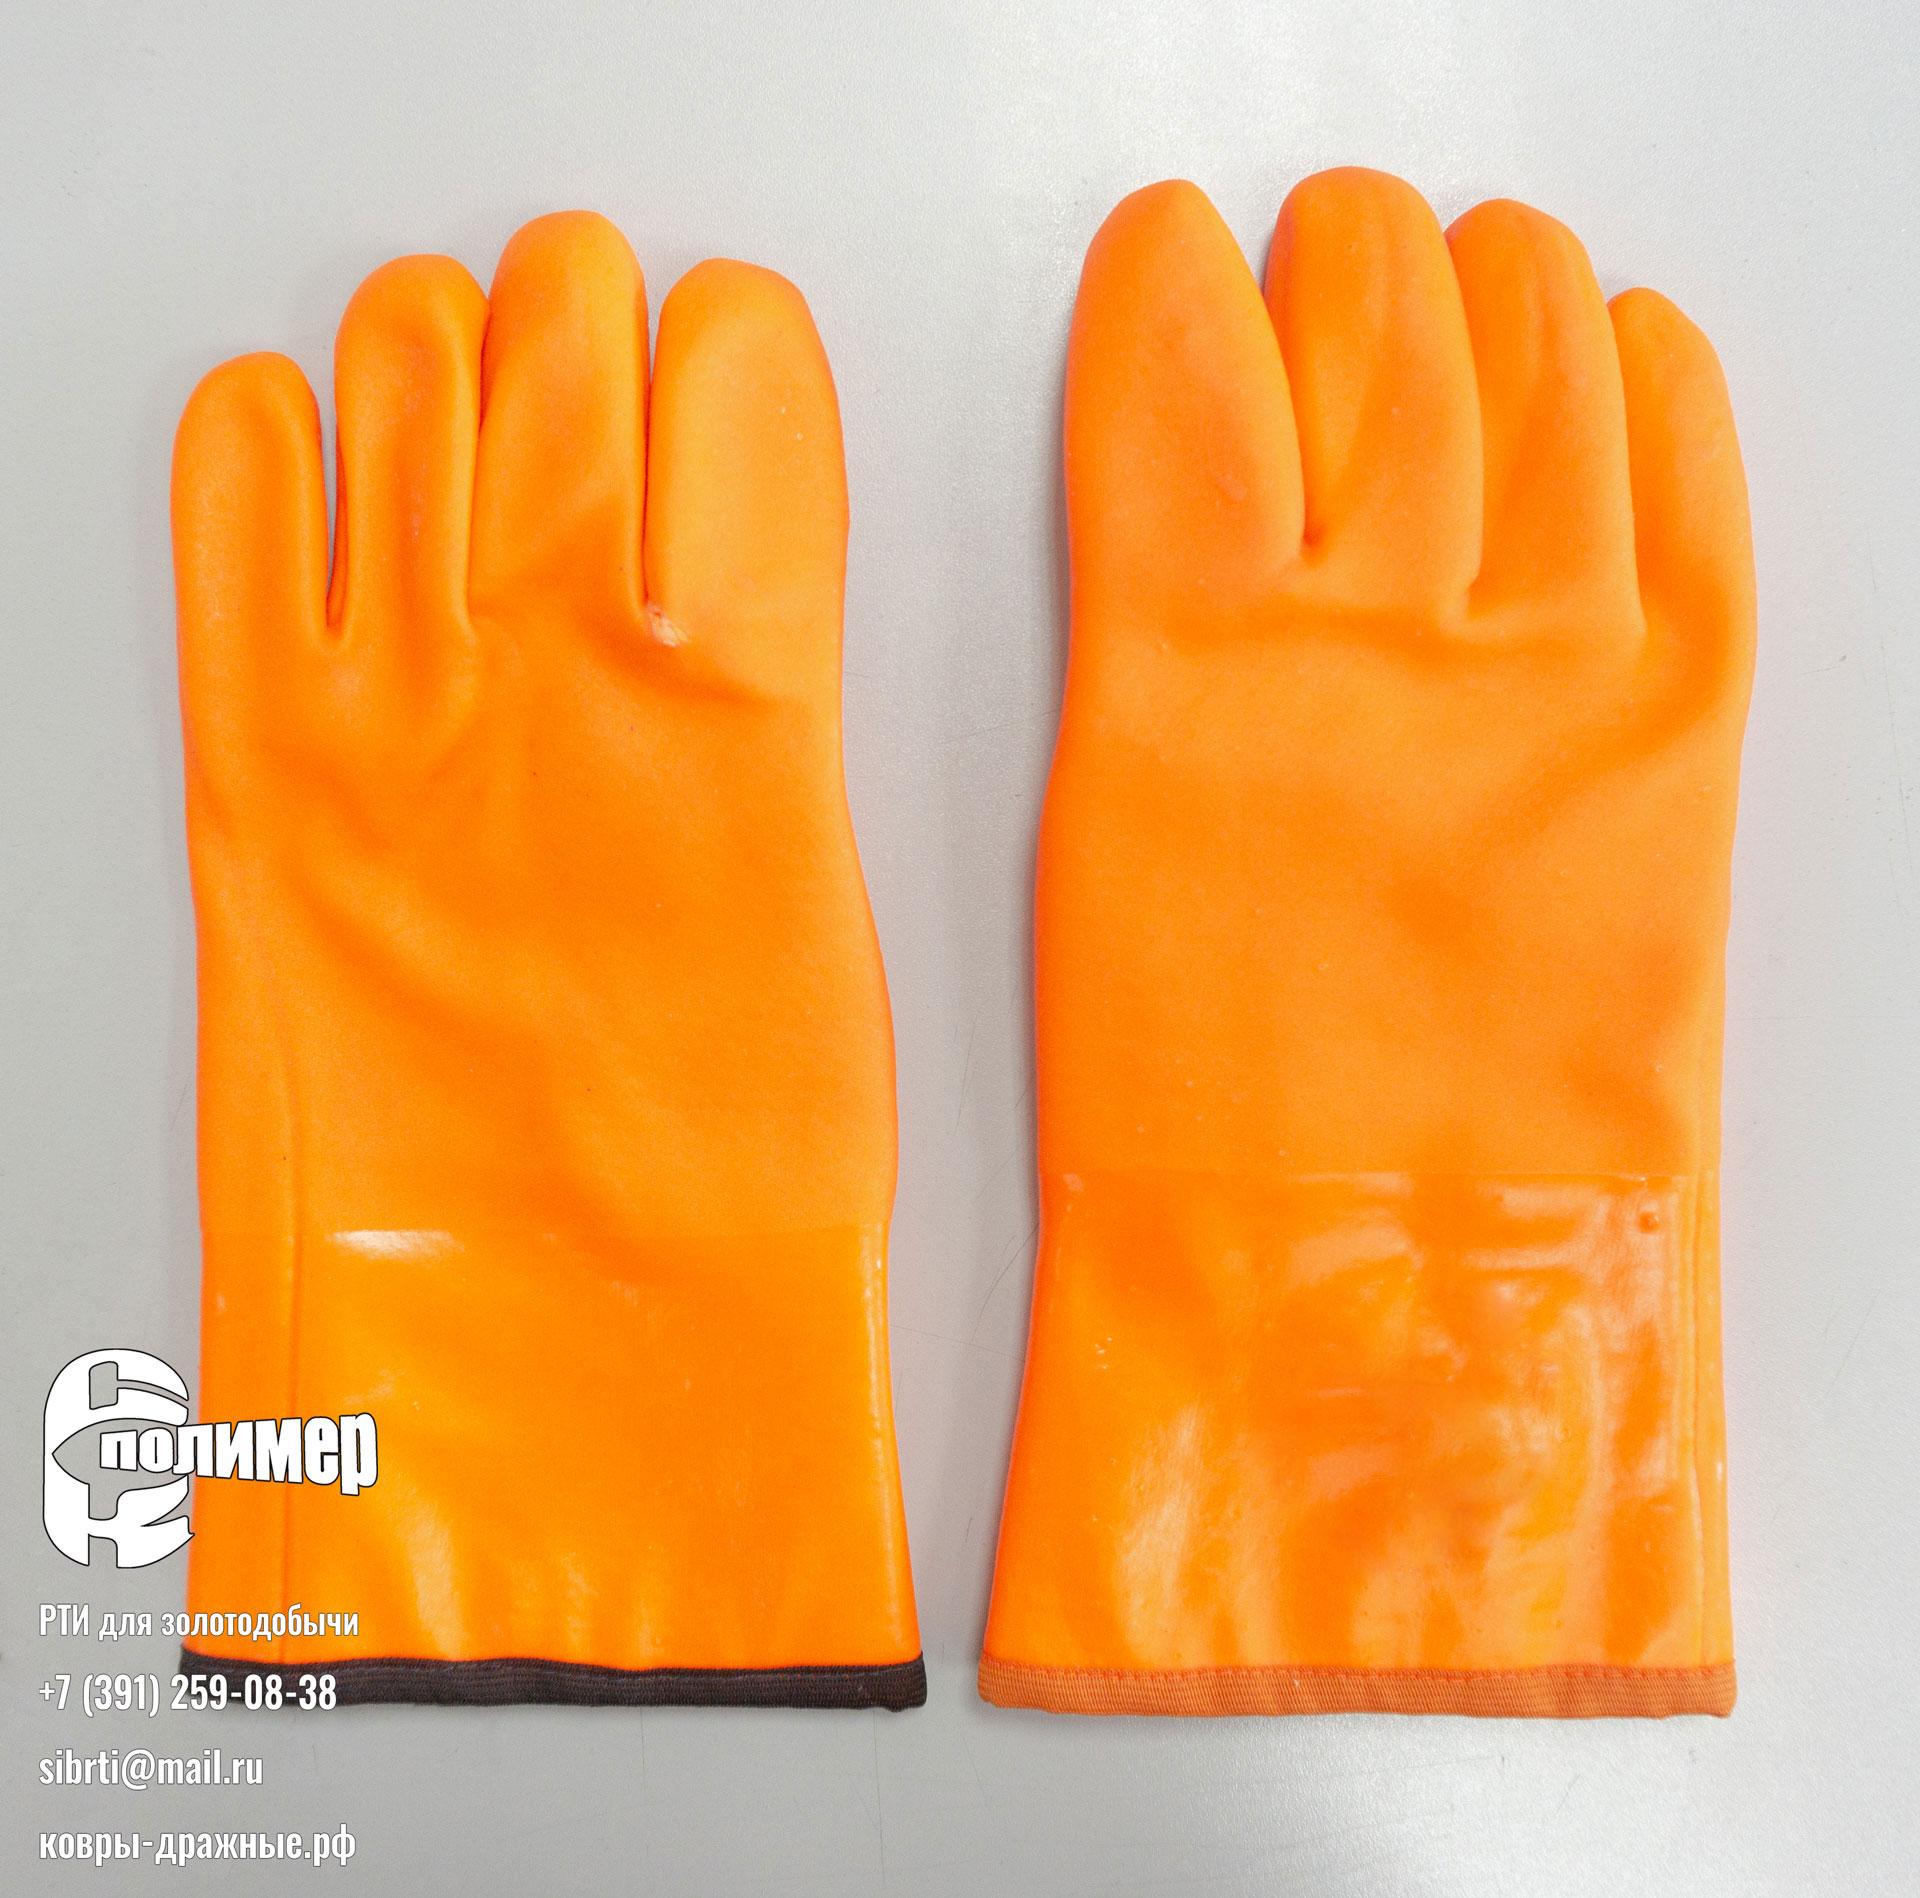 Перчатки полимерные заказать